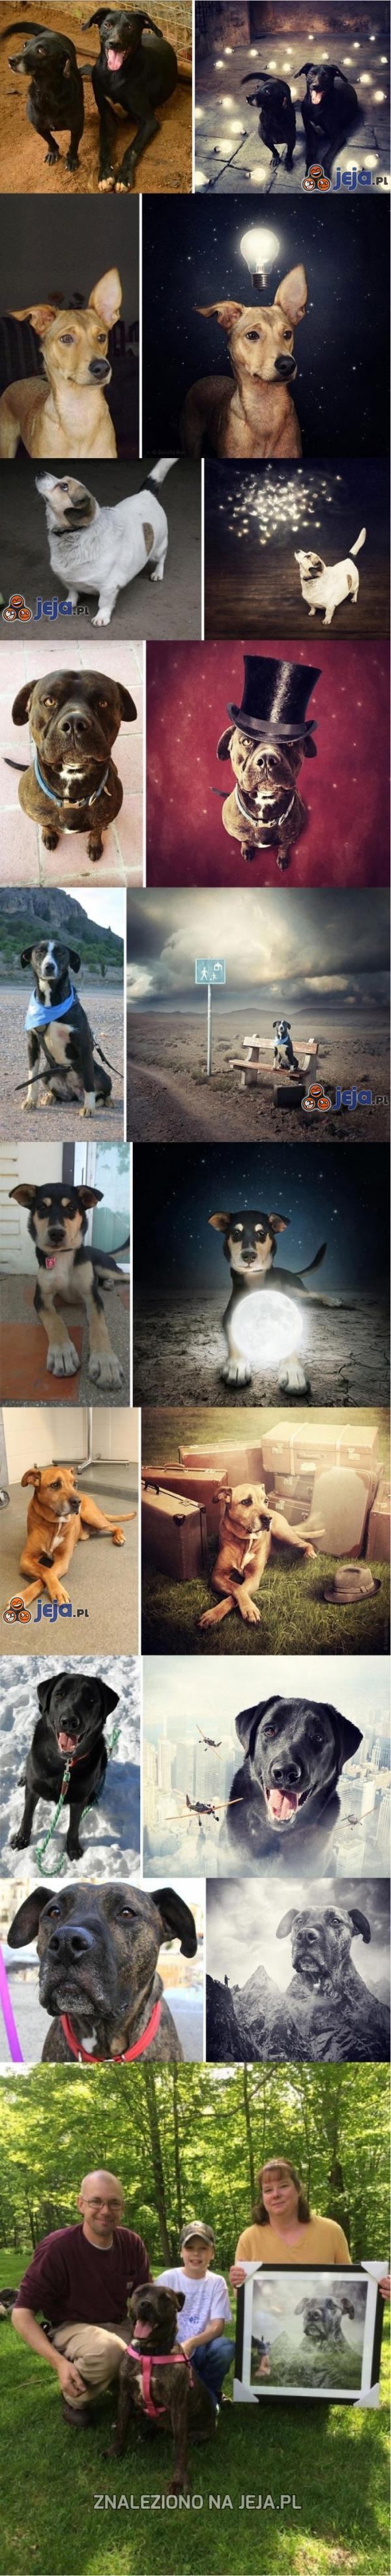 Surrealistyczne fotomontaże porzuconych psów, zachęcające do adopcji